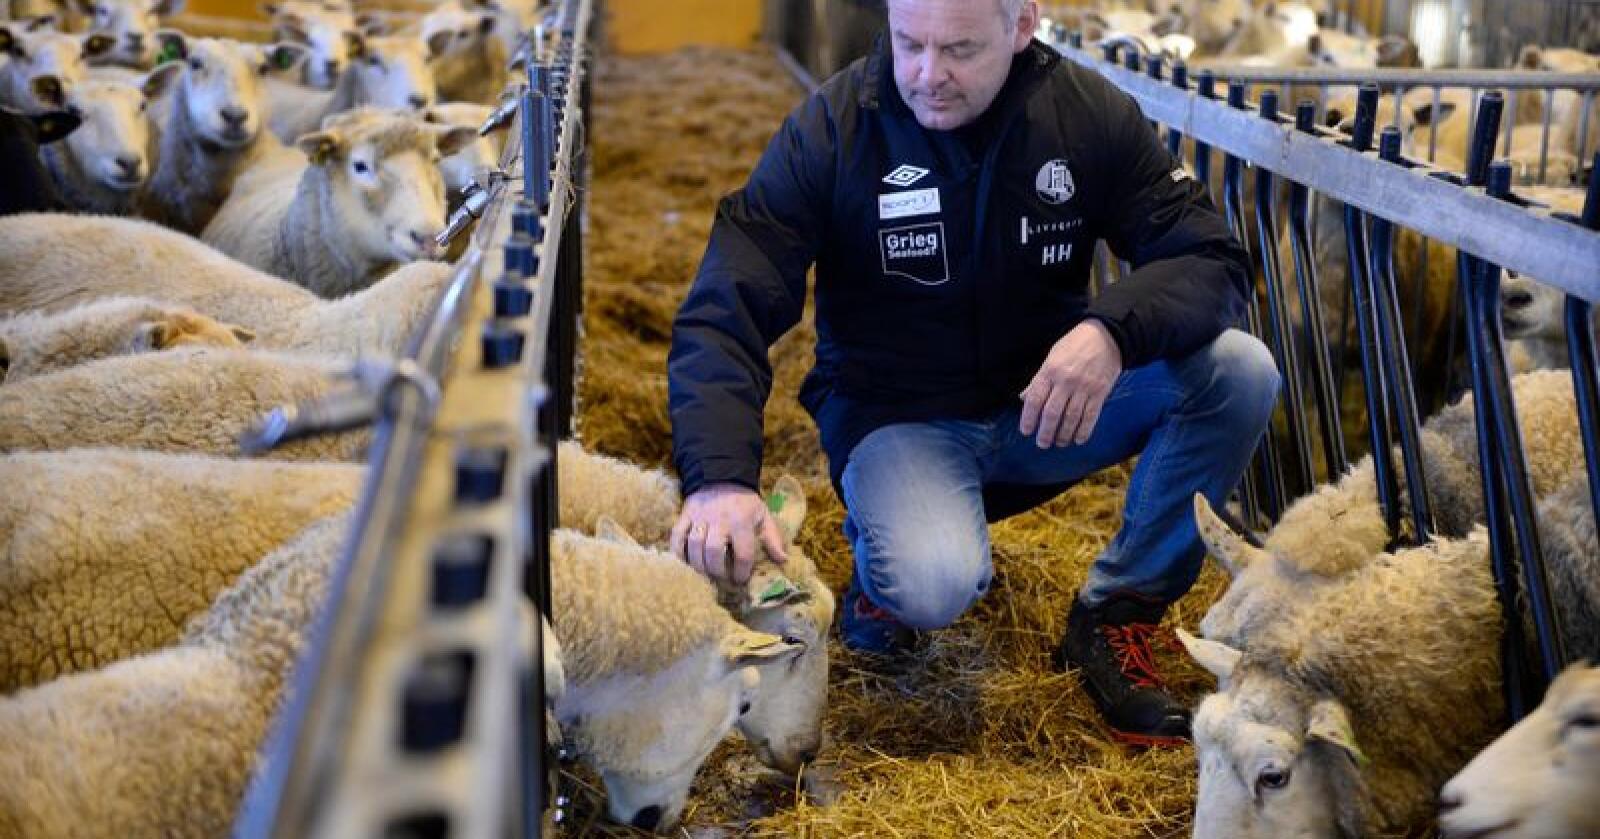 Bonde Henrik Halleland (KrF) er ordfører i Rogaland-kommunen Finnøy. Han kommer til å stemme for det blå alternativet fredag, og vil at KrF skal ta over Landbruksdepartementet i en ny regjering. Foto: Stavanger Aftenblad/ NTB Scanpix